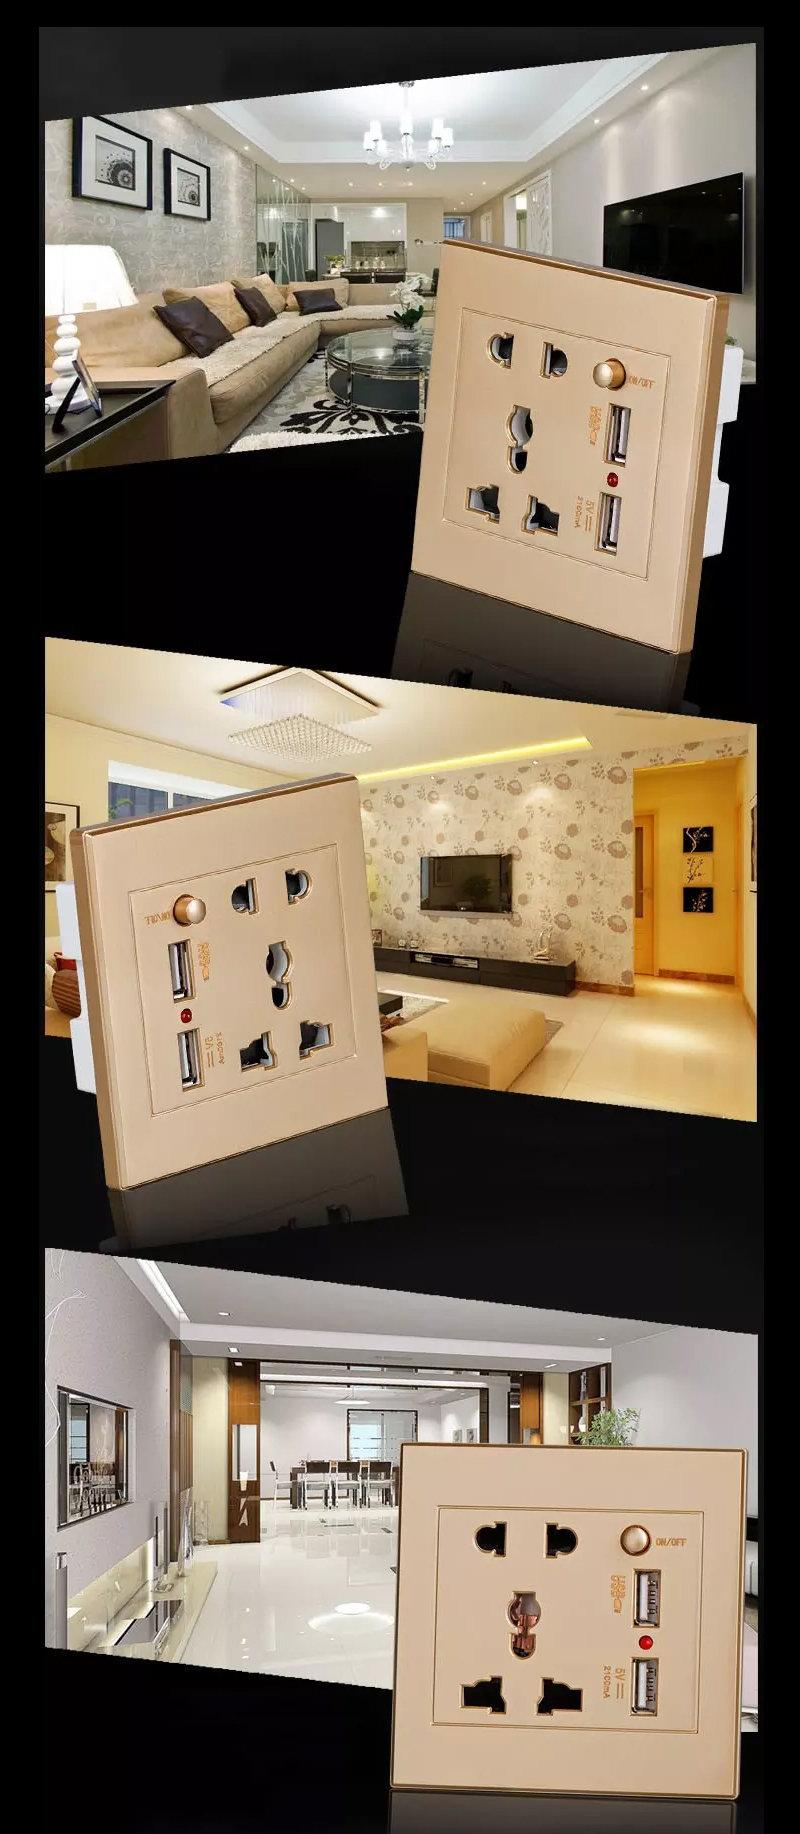 Prise électrique mural avec double port de recharge rapide USB pour les smartphones 16